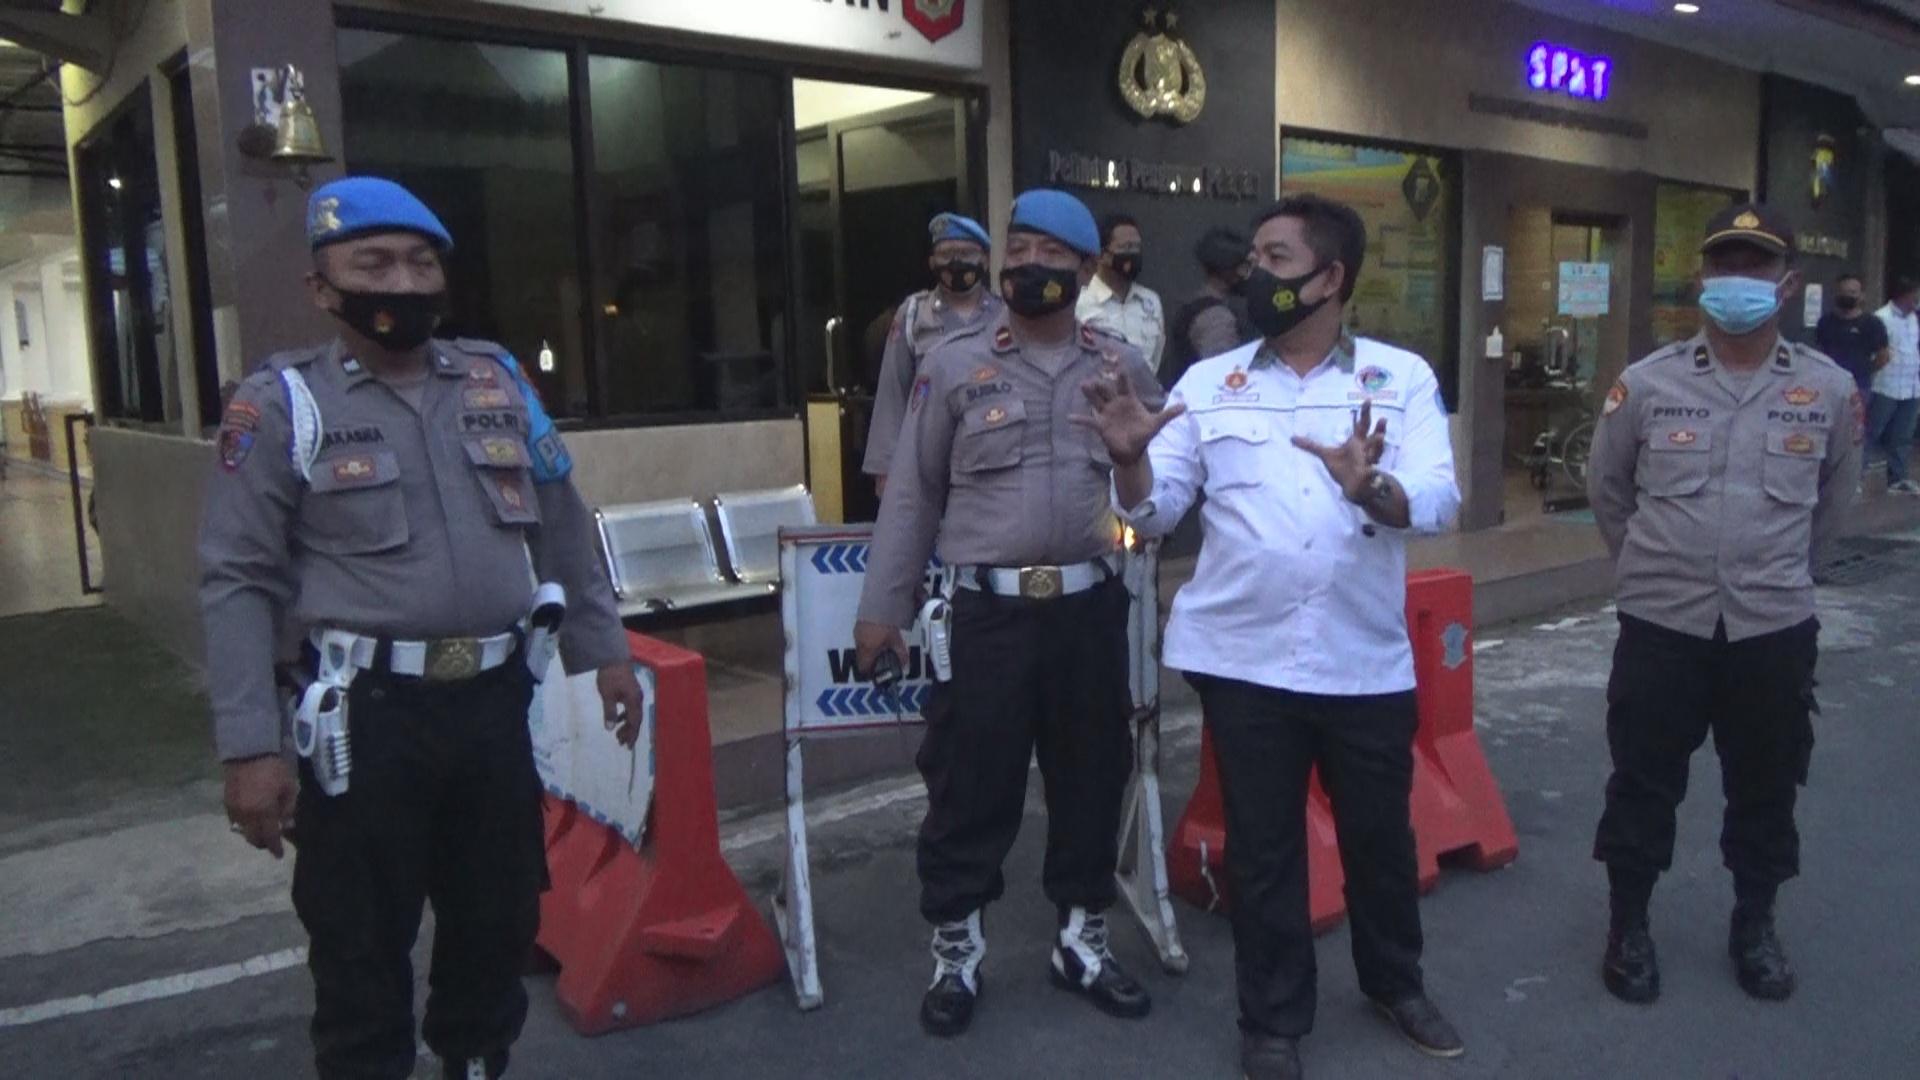 Polres Jombang Perketat Penjagaan Pasca Penyerangan Mabes Polri